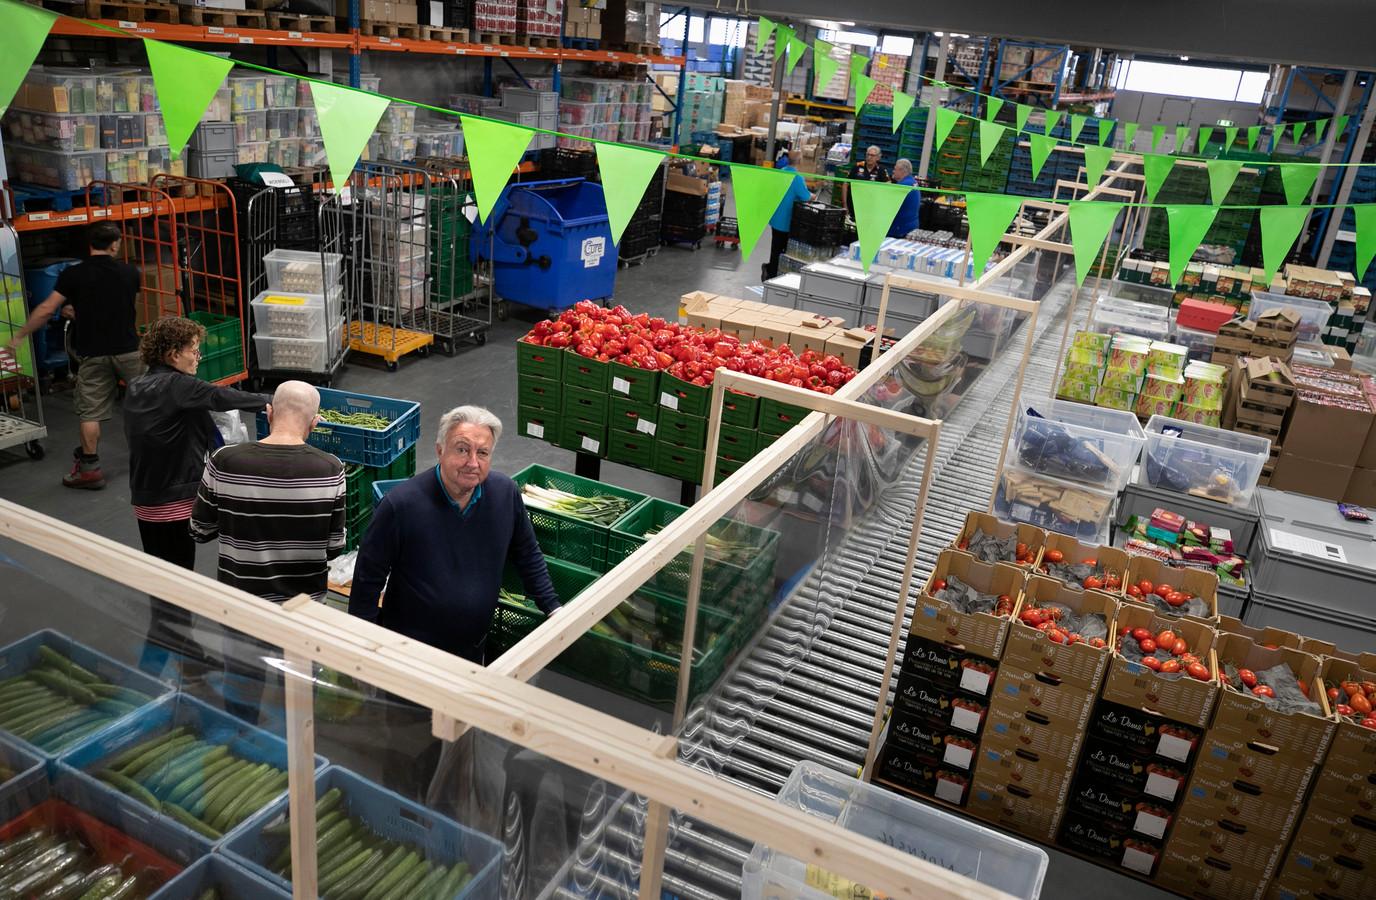 Bij de voedselbank in Eindhoven komen veel mensen met schulden. Foto ter illustratie.